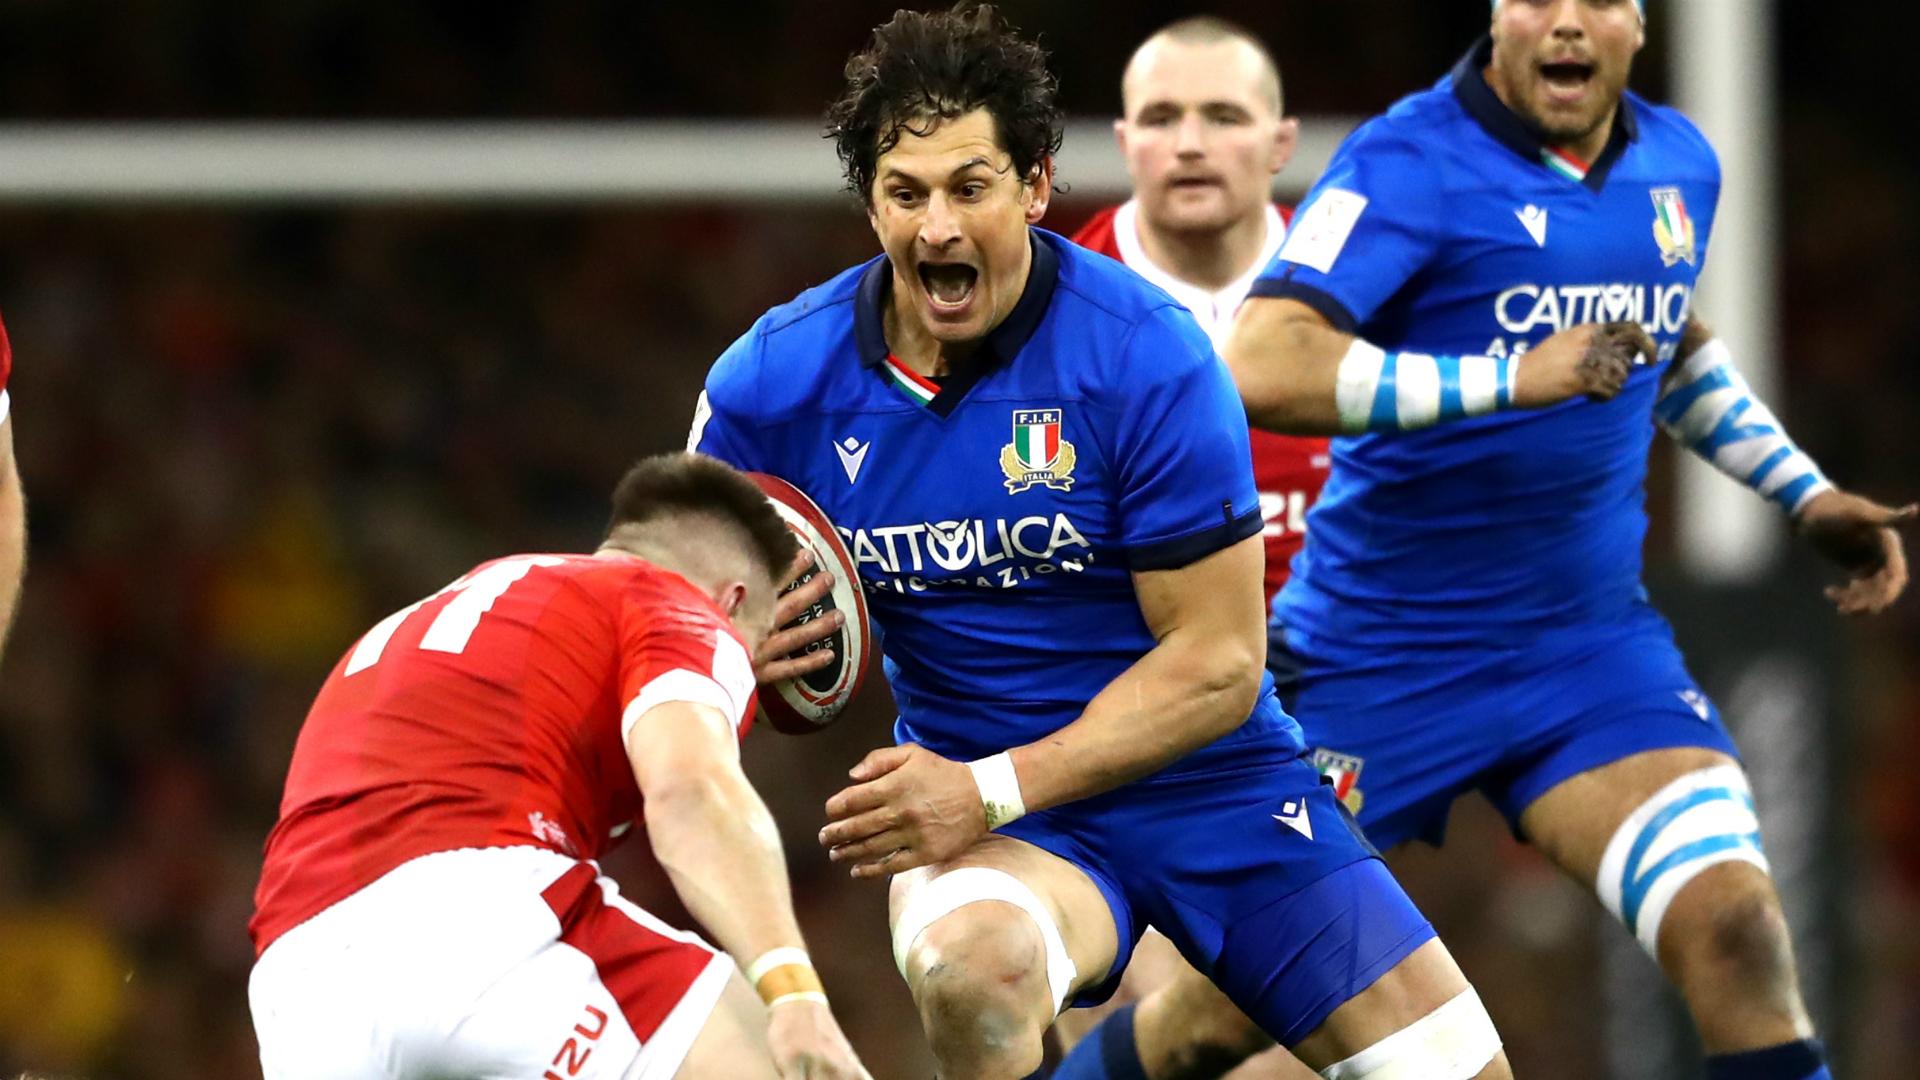 Italy welcome back veteran Zanni for Scotland showdown